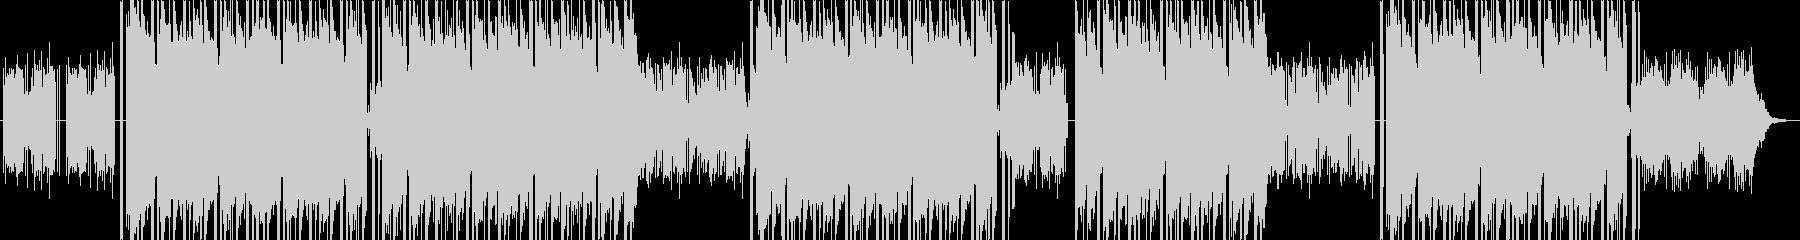 暗いピアノフレーズのトラップビートの未再生の波形